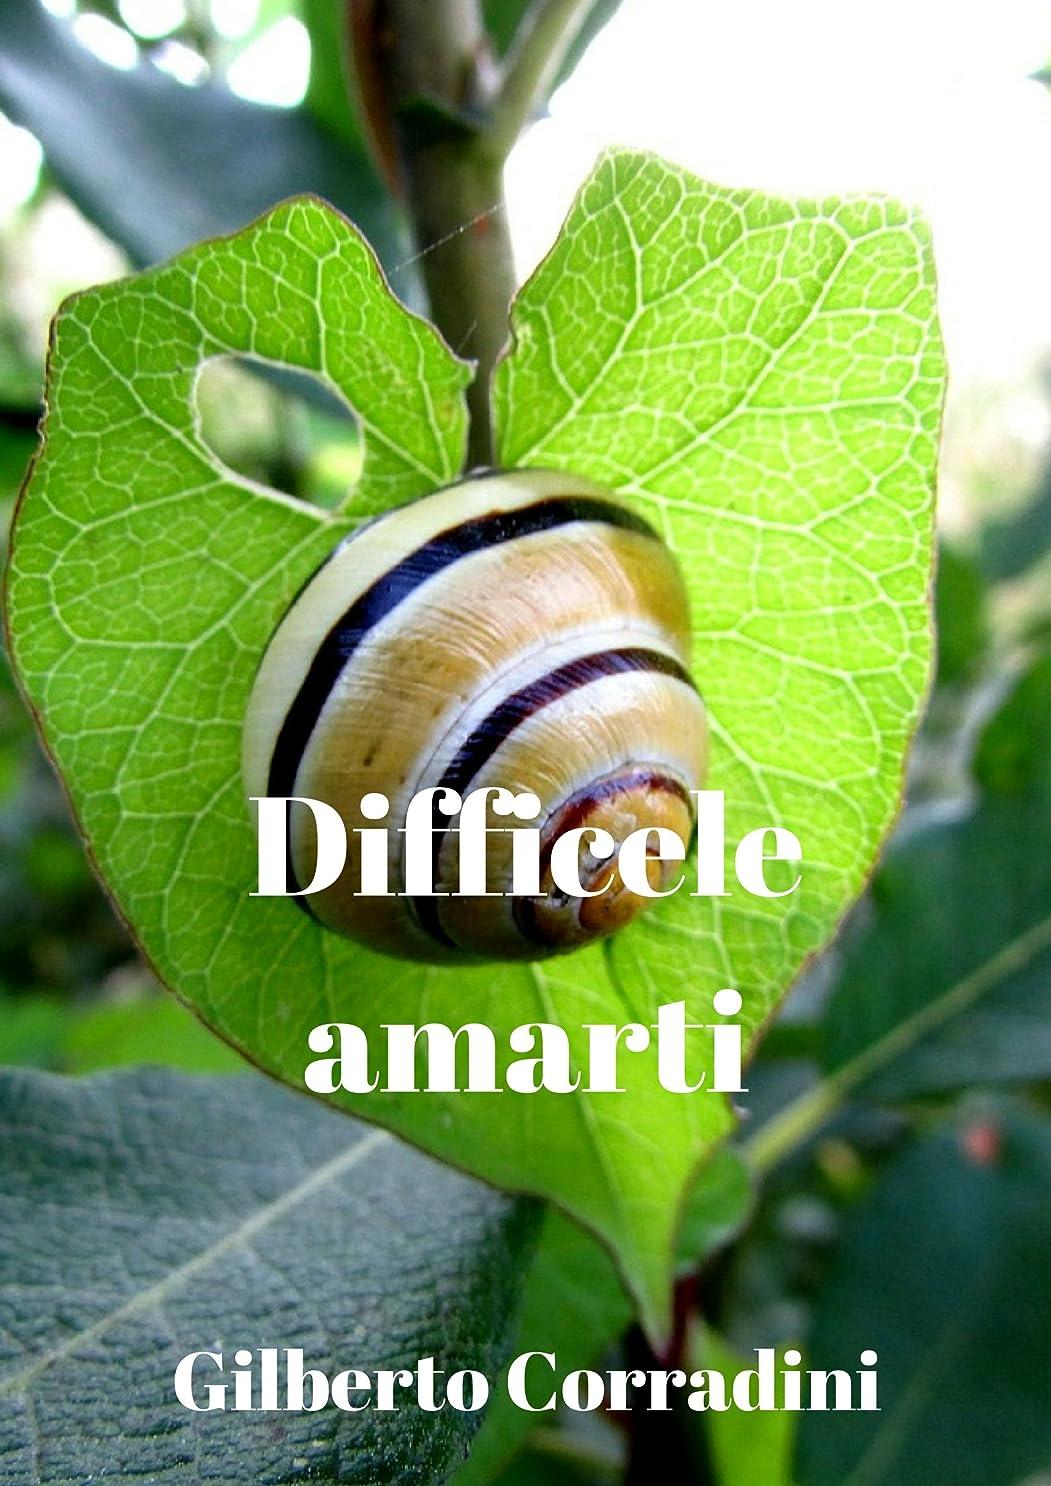 Difficele amarti (Italian Edition)